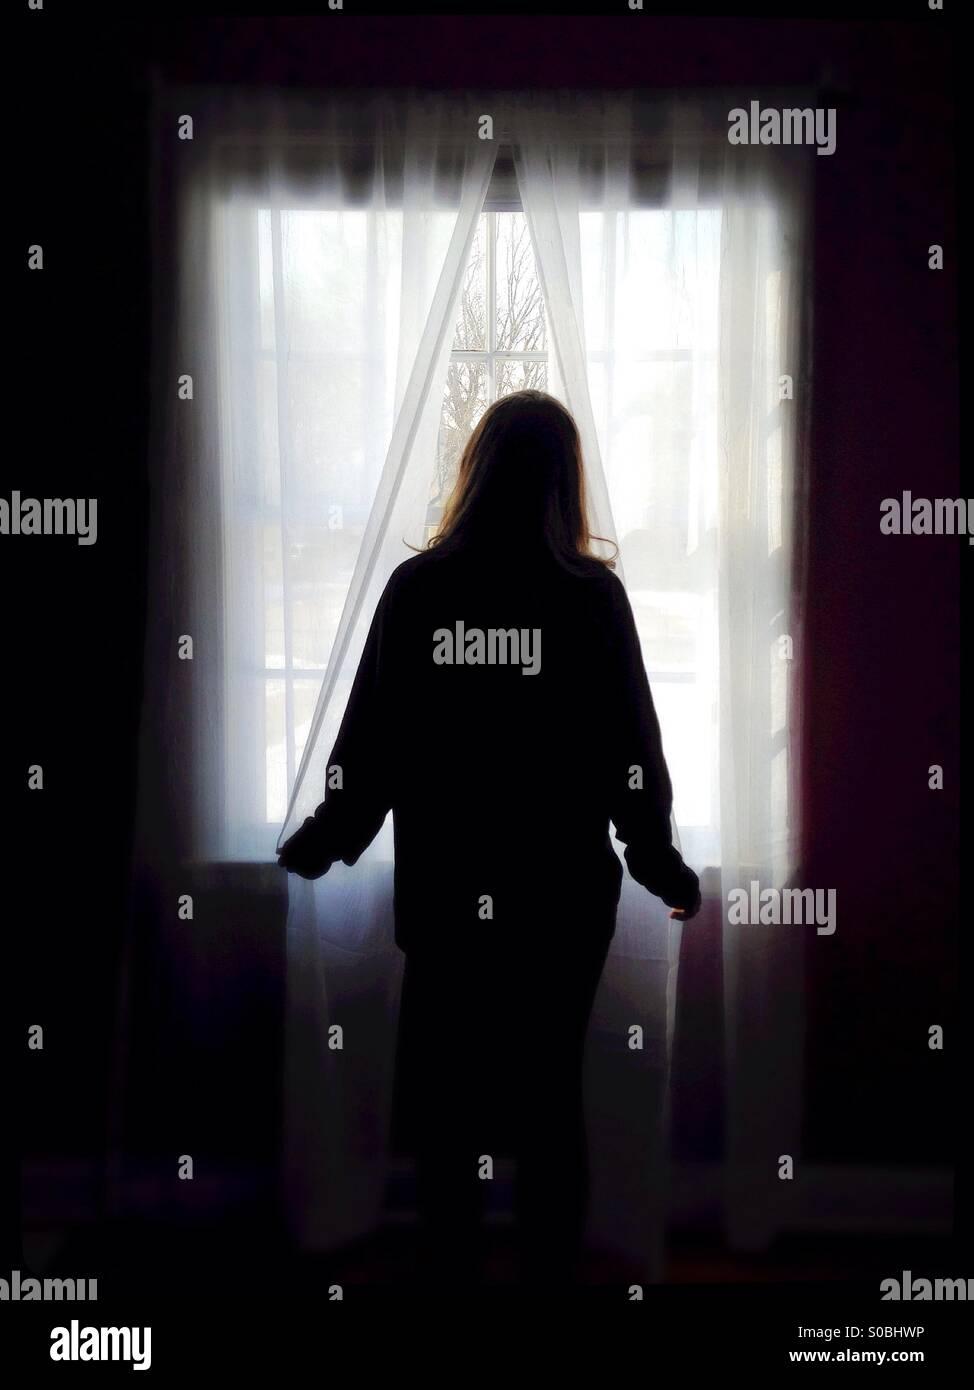 Eine Frau steht am Fenster, auf der Suche. Stockbild